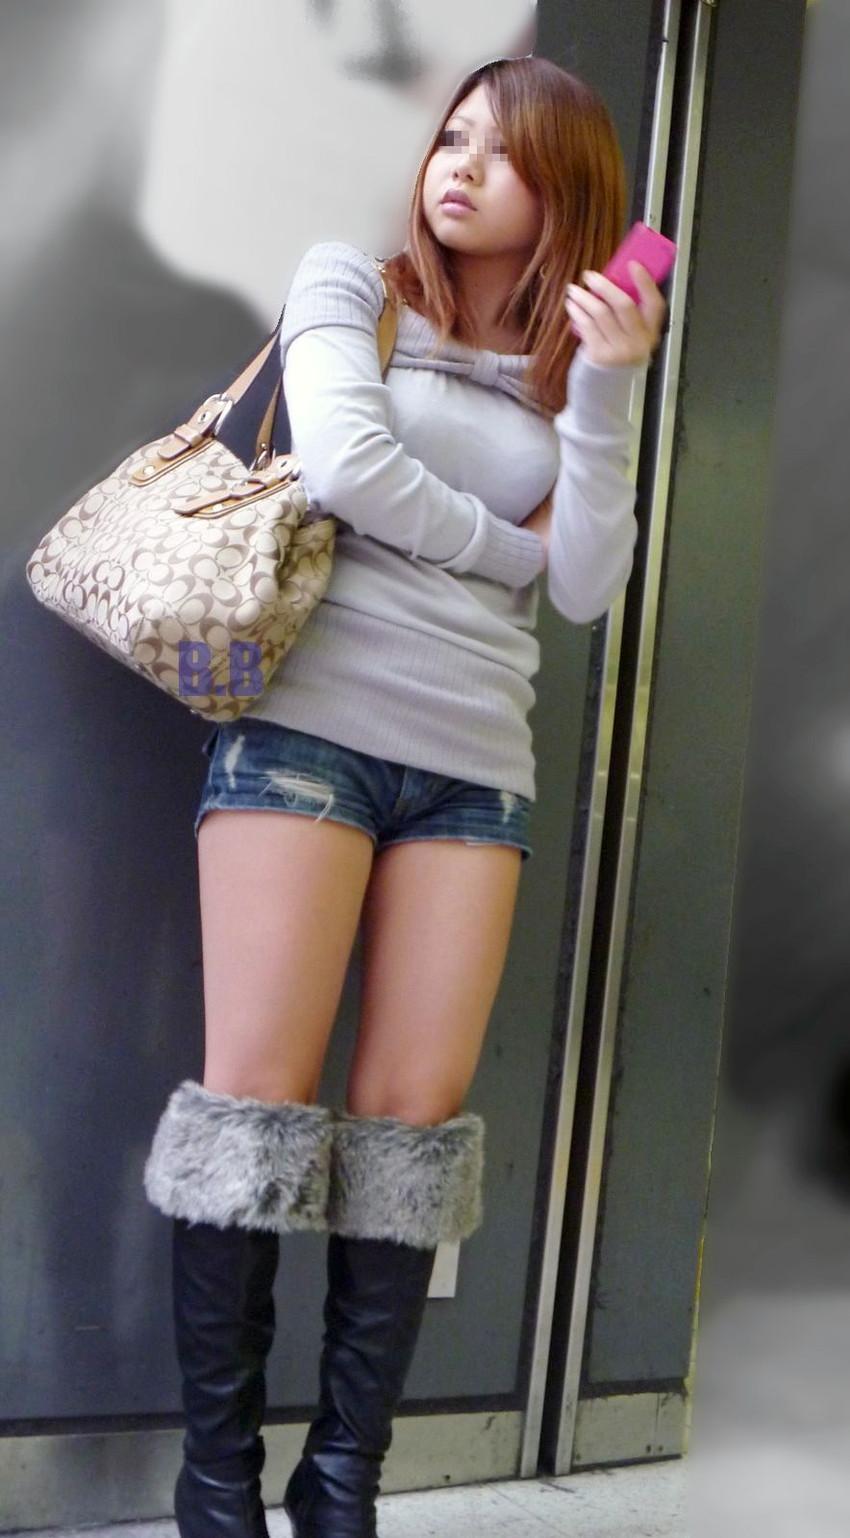 【デニムショーパンエロ画像】ハミマン・ハミパン必至!!むっちりデカ尻ギャル達のデニムショーパンエロ画像 36